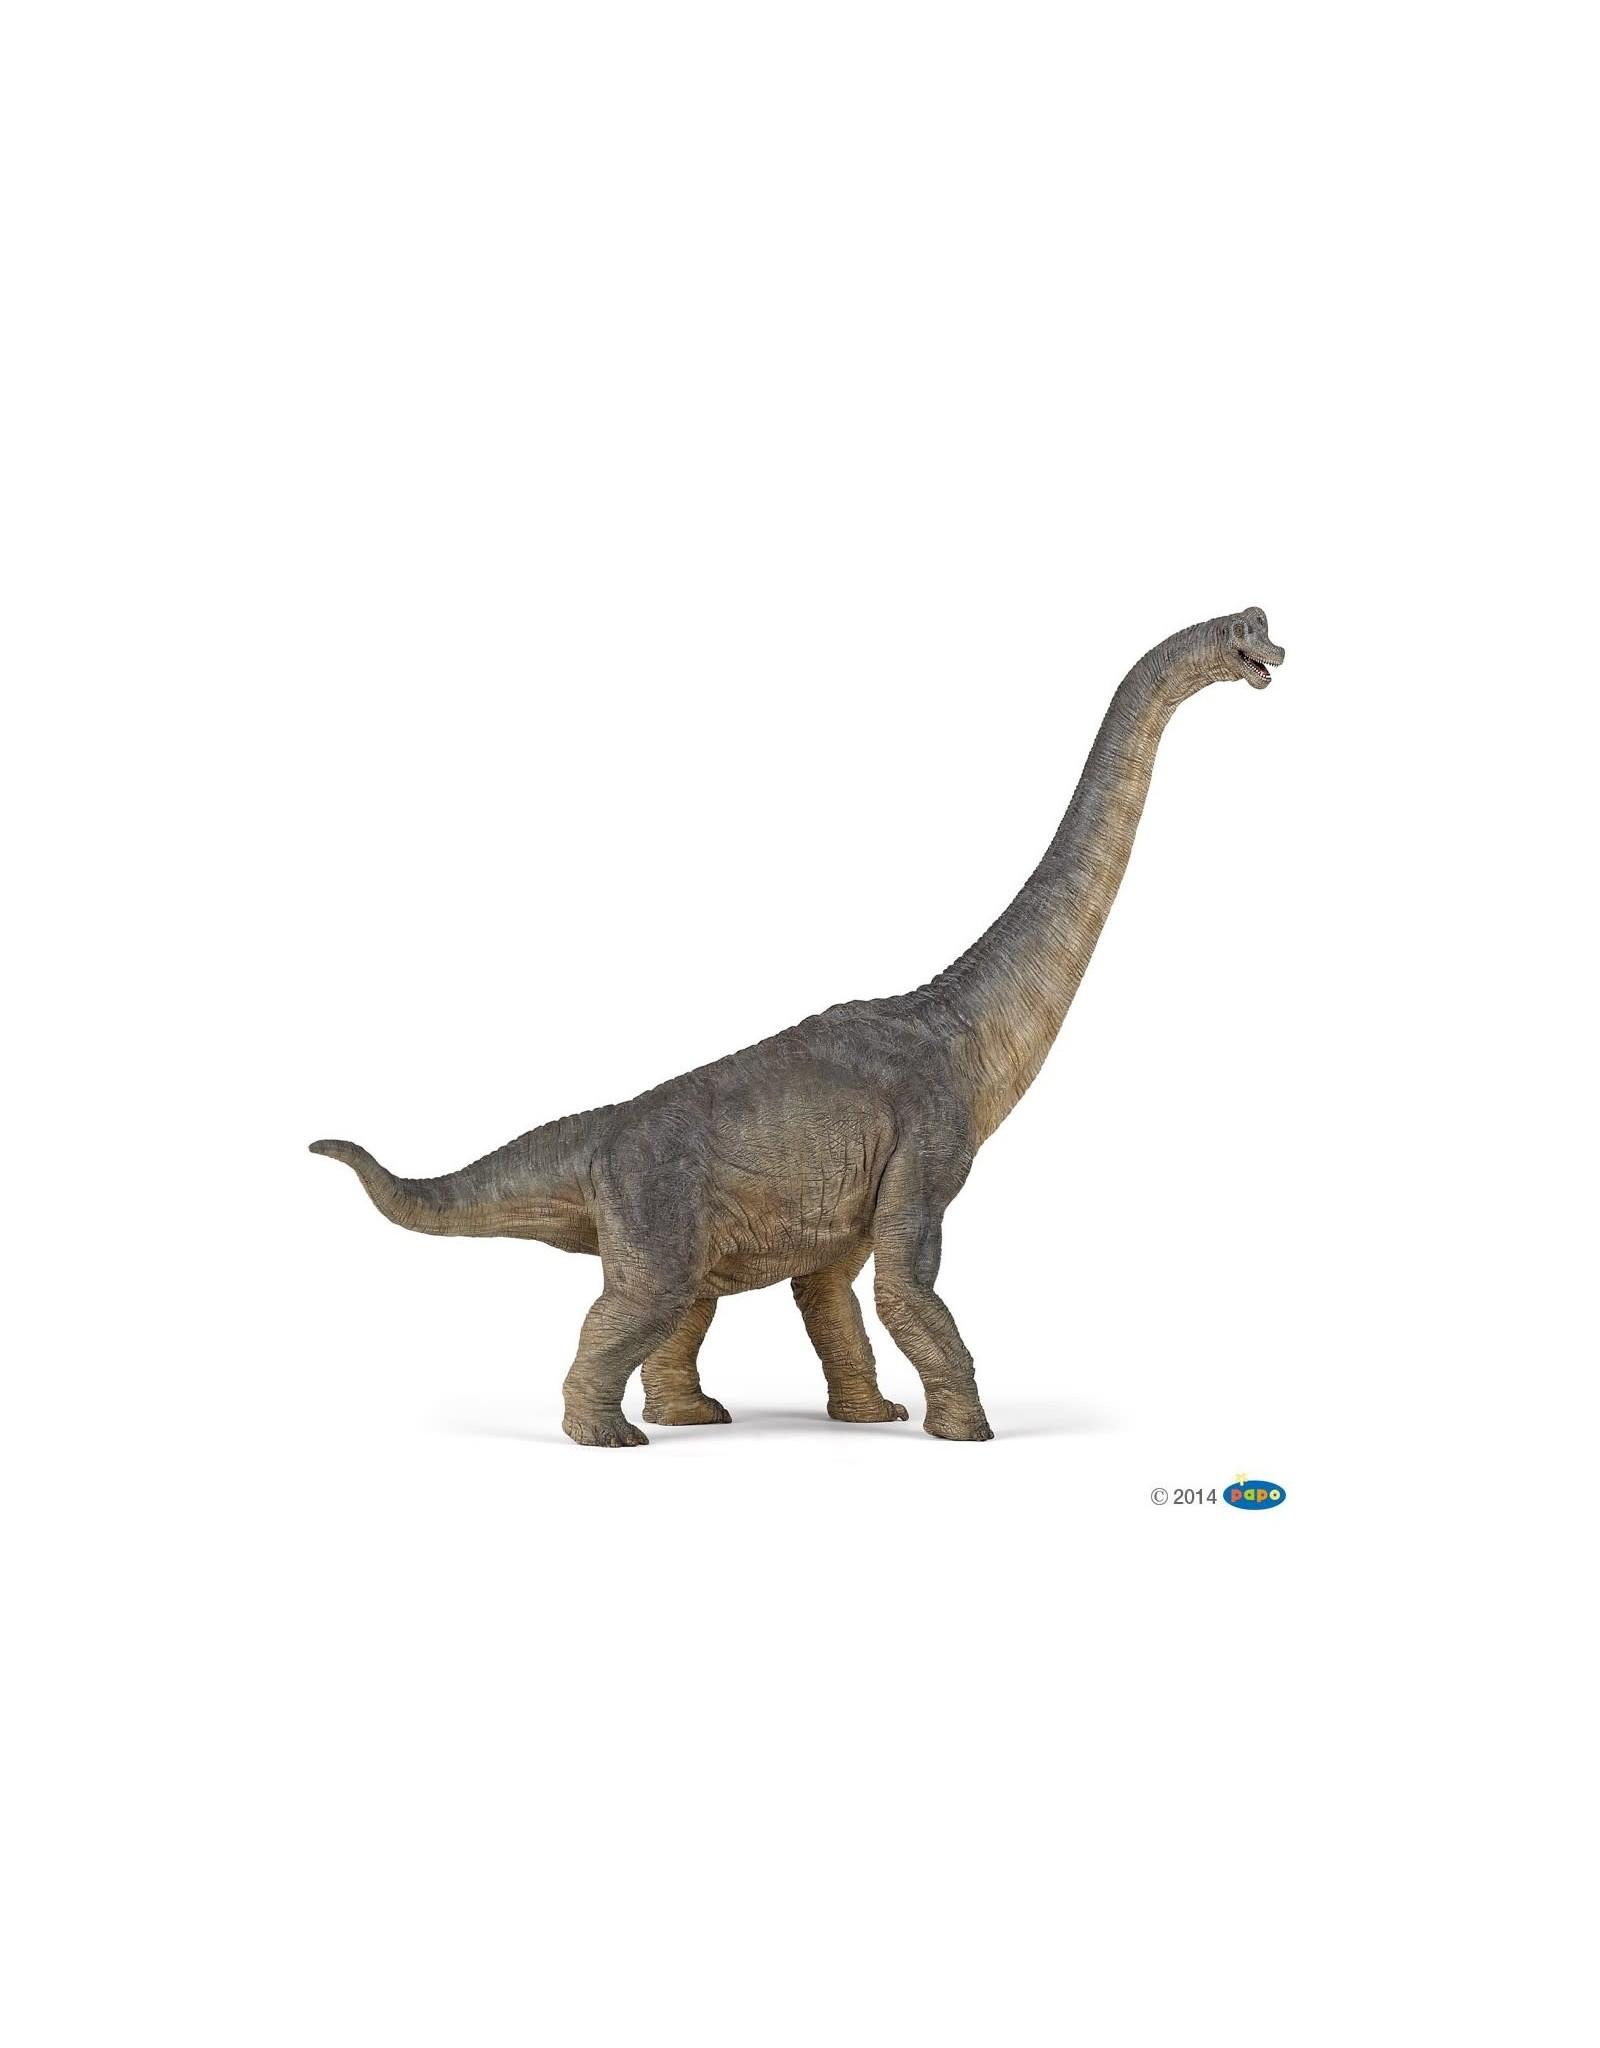 Papo Brachiosaurus - Papo Dinosaurs